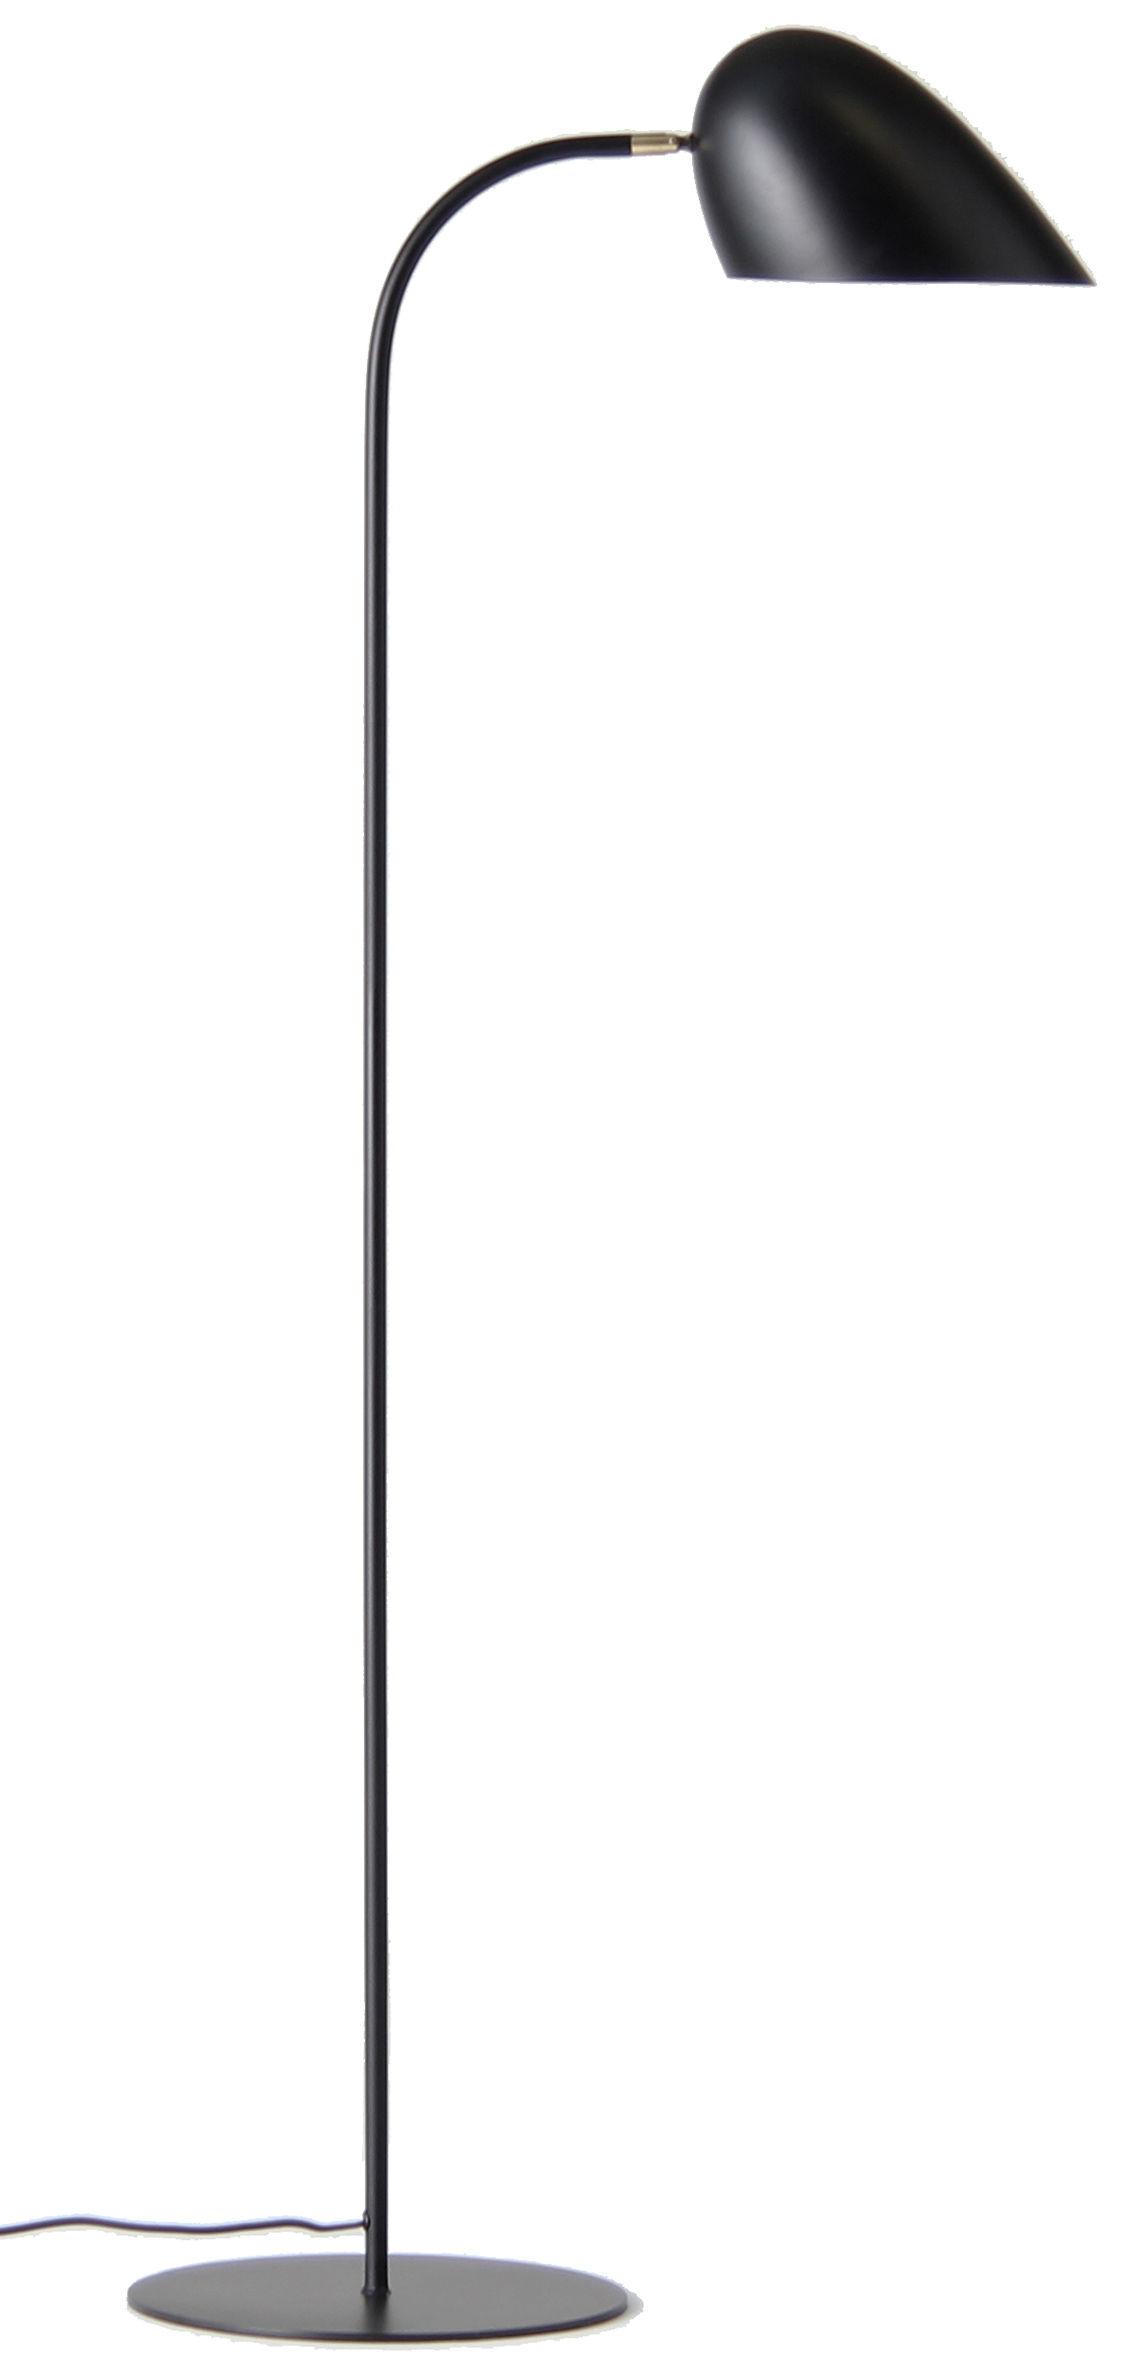 Leuchten - Stehleuchten - Hitchcock Stehleuchte / H 150 cm - Frandsen - Schwarz - bemaltes Metall, Messing